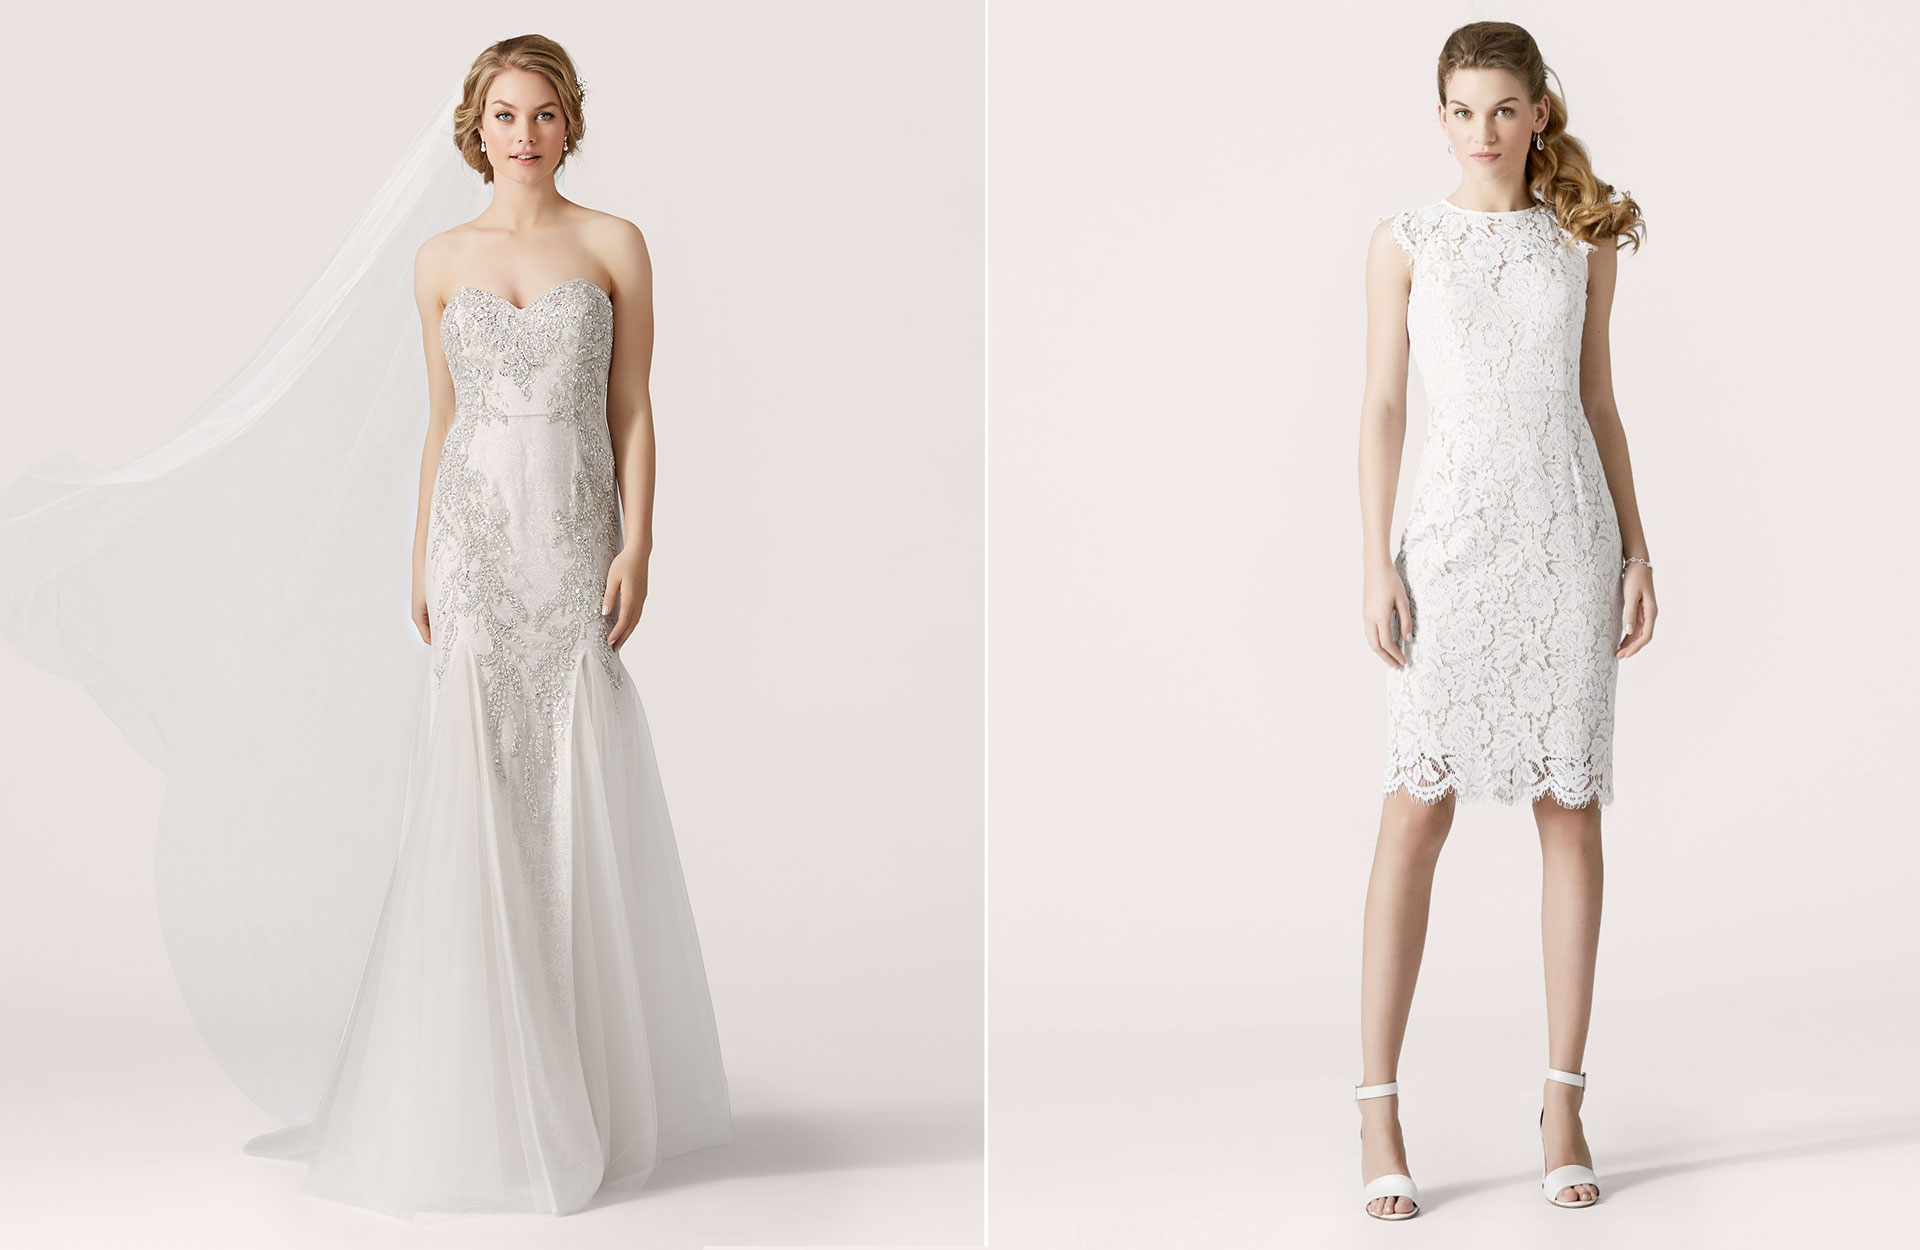 Kort eller lang brudekjole hvilken stil velger du